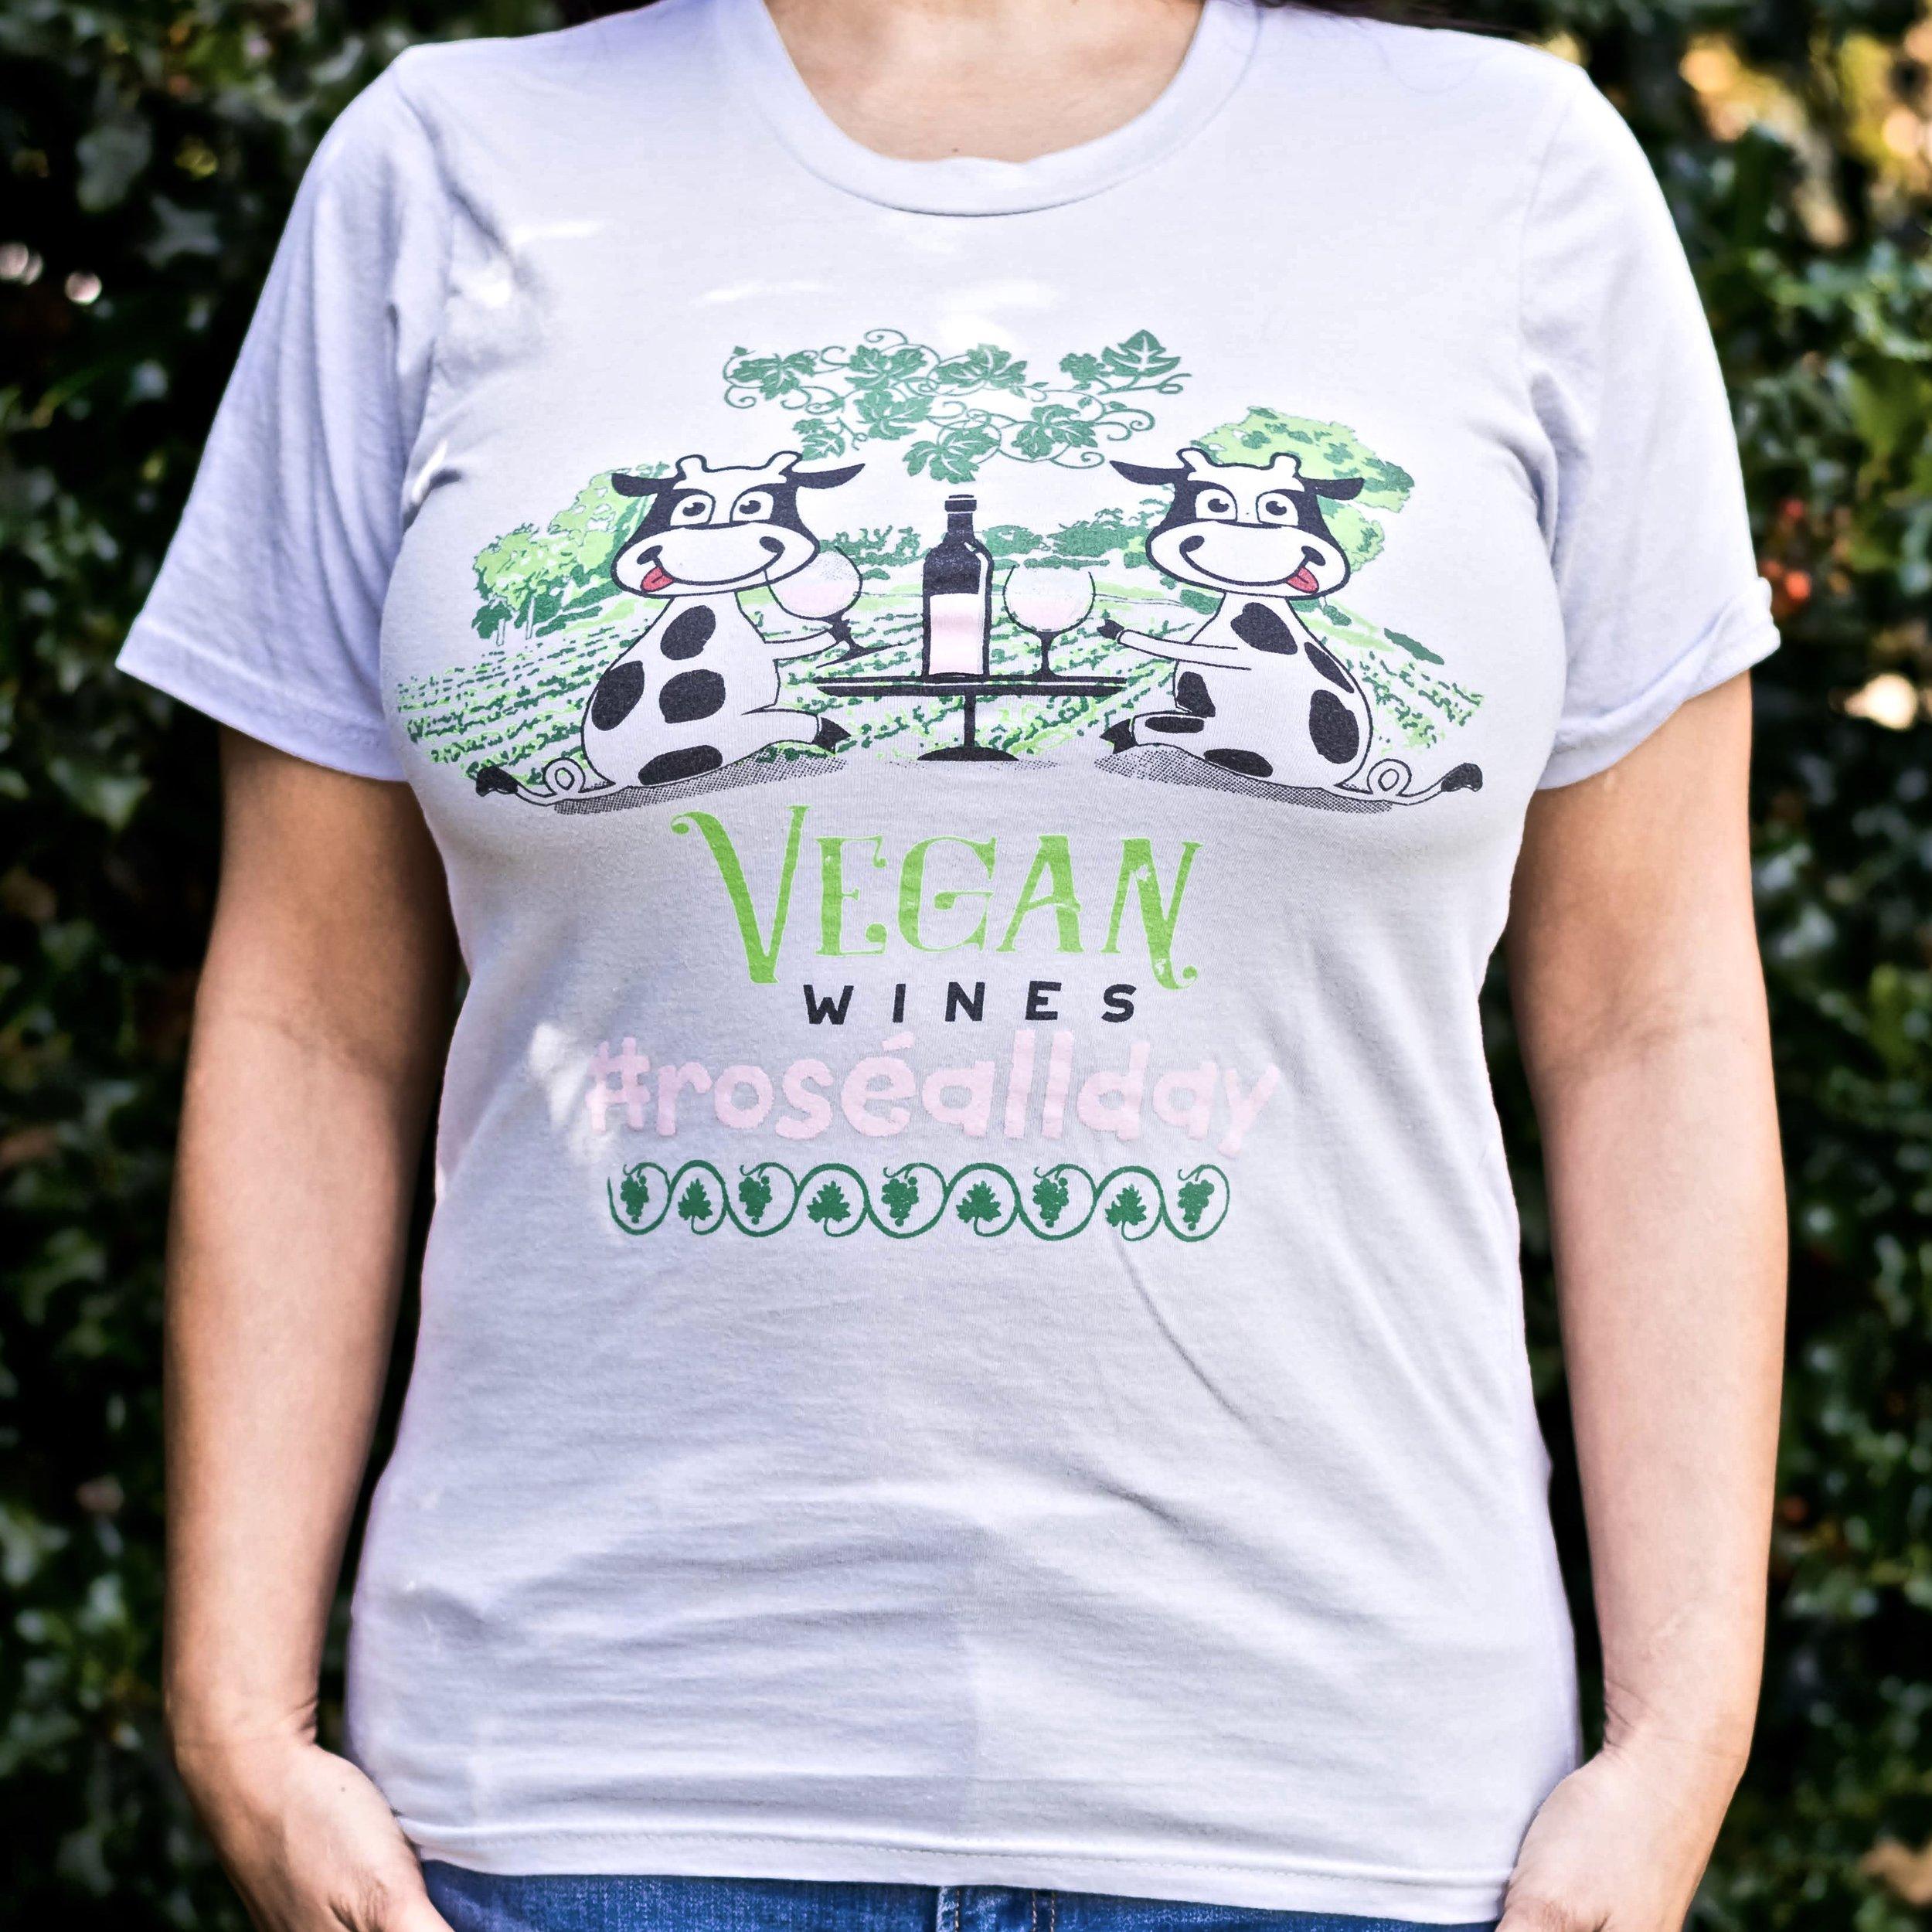 Frances Vegan Wines-57.jpg